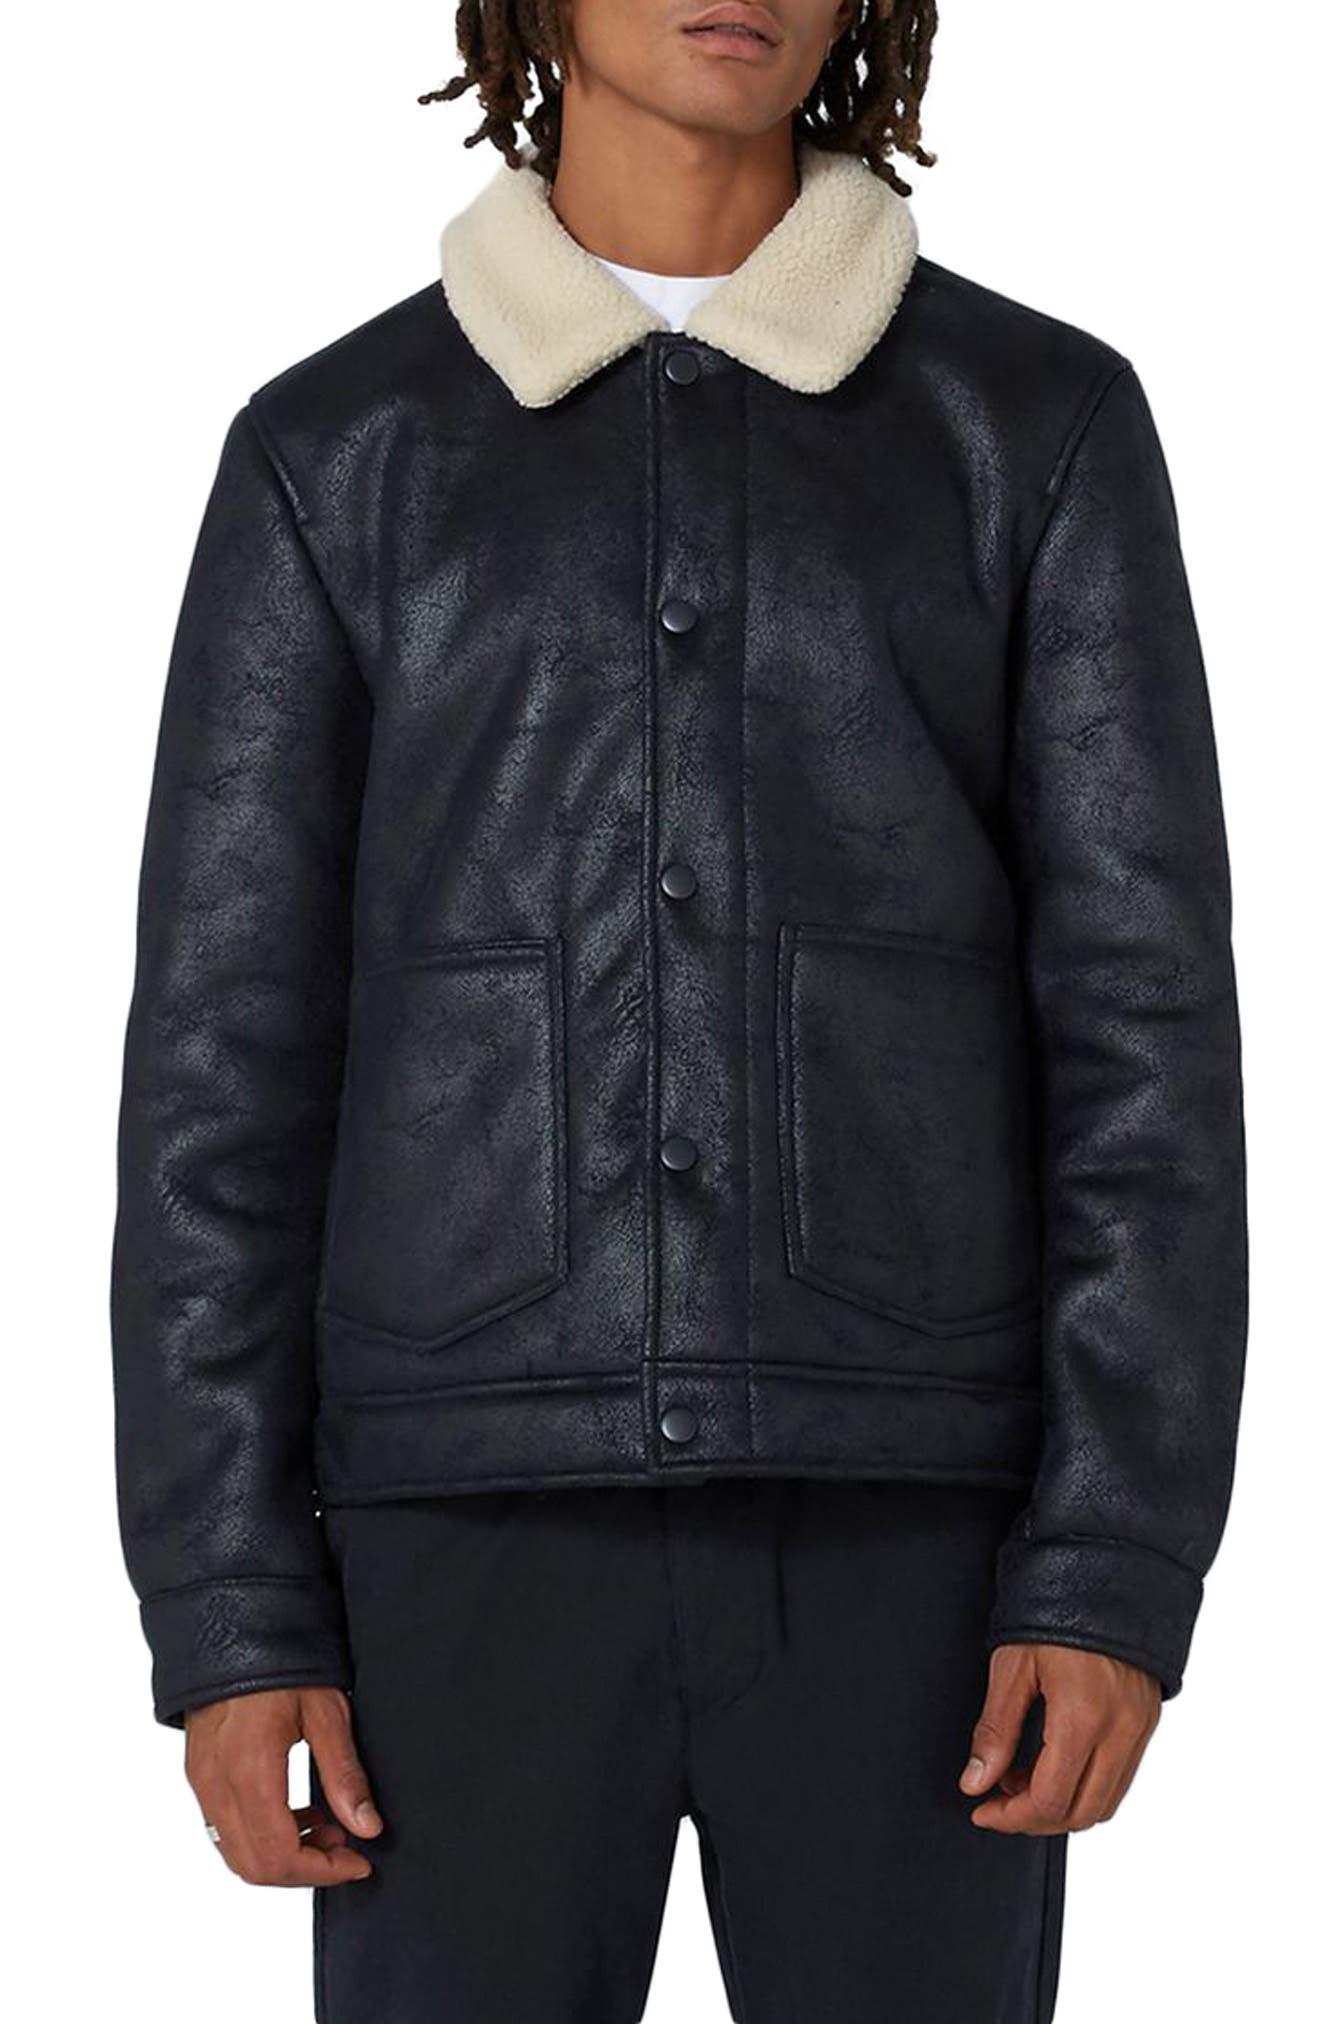 Topman Faux Shearling Jacket